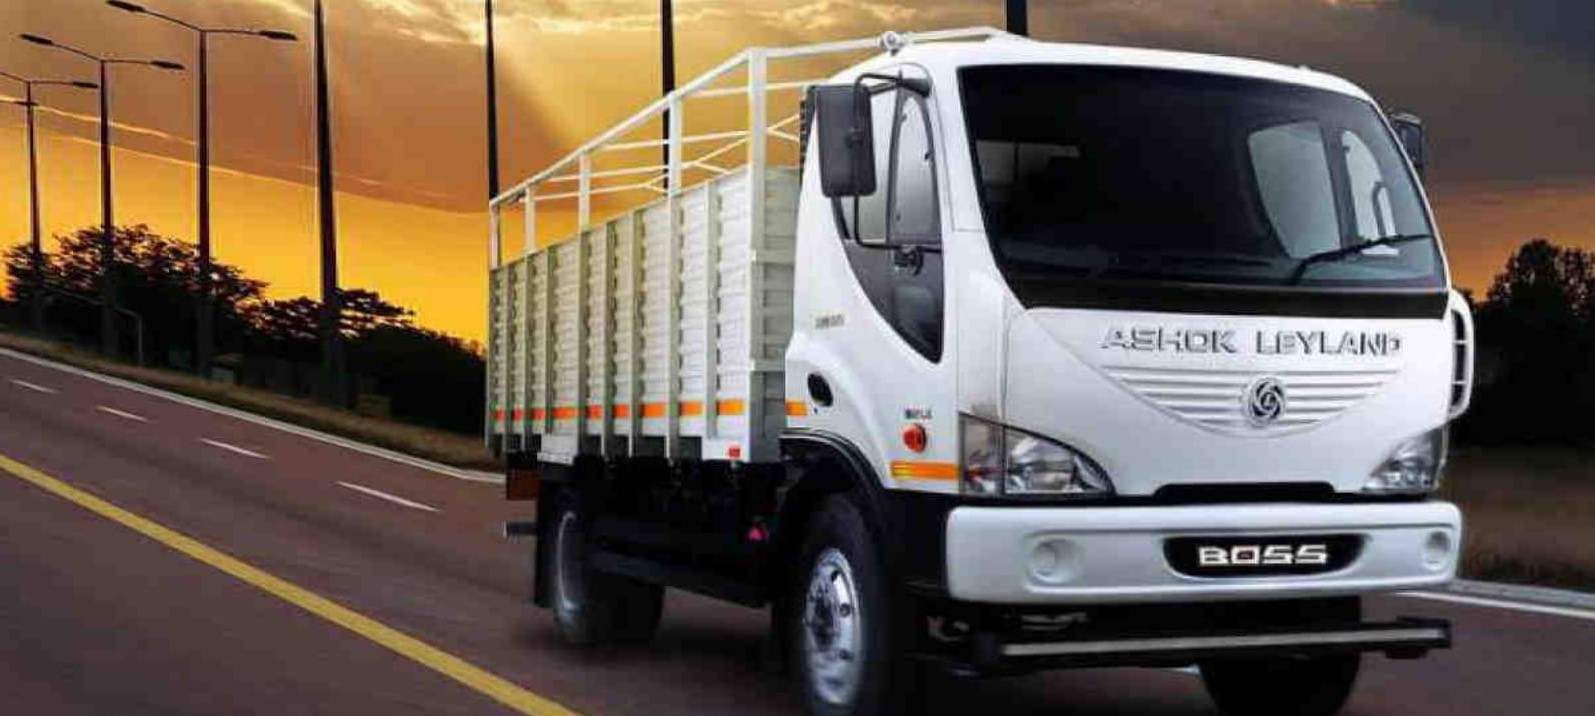 Nigeria Assembled Ashok Leyland Commercial Vehicles